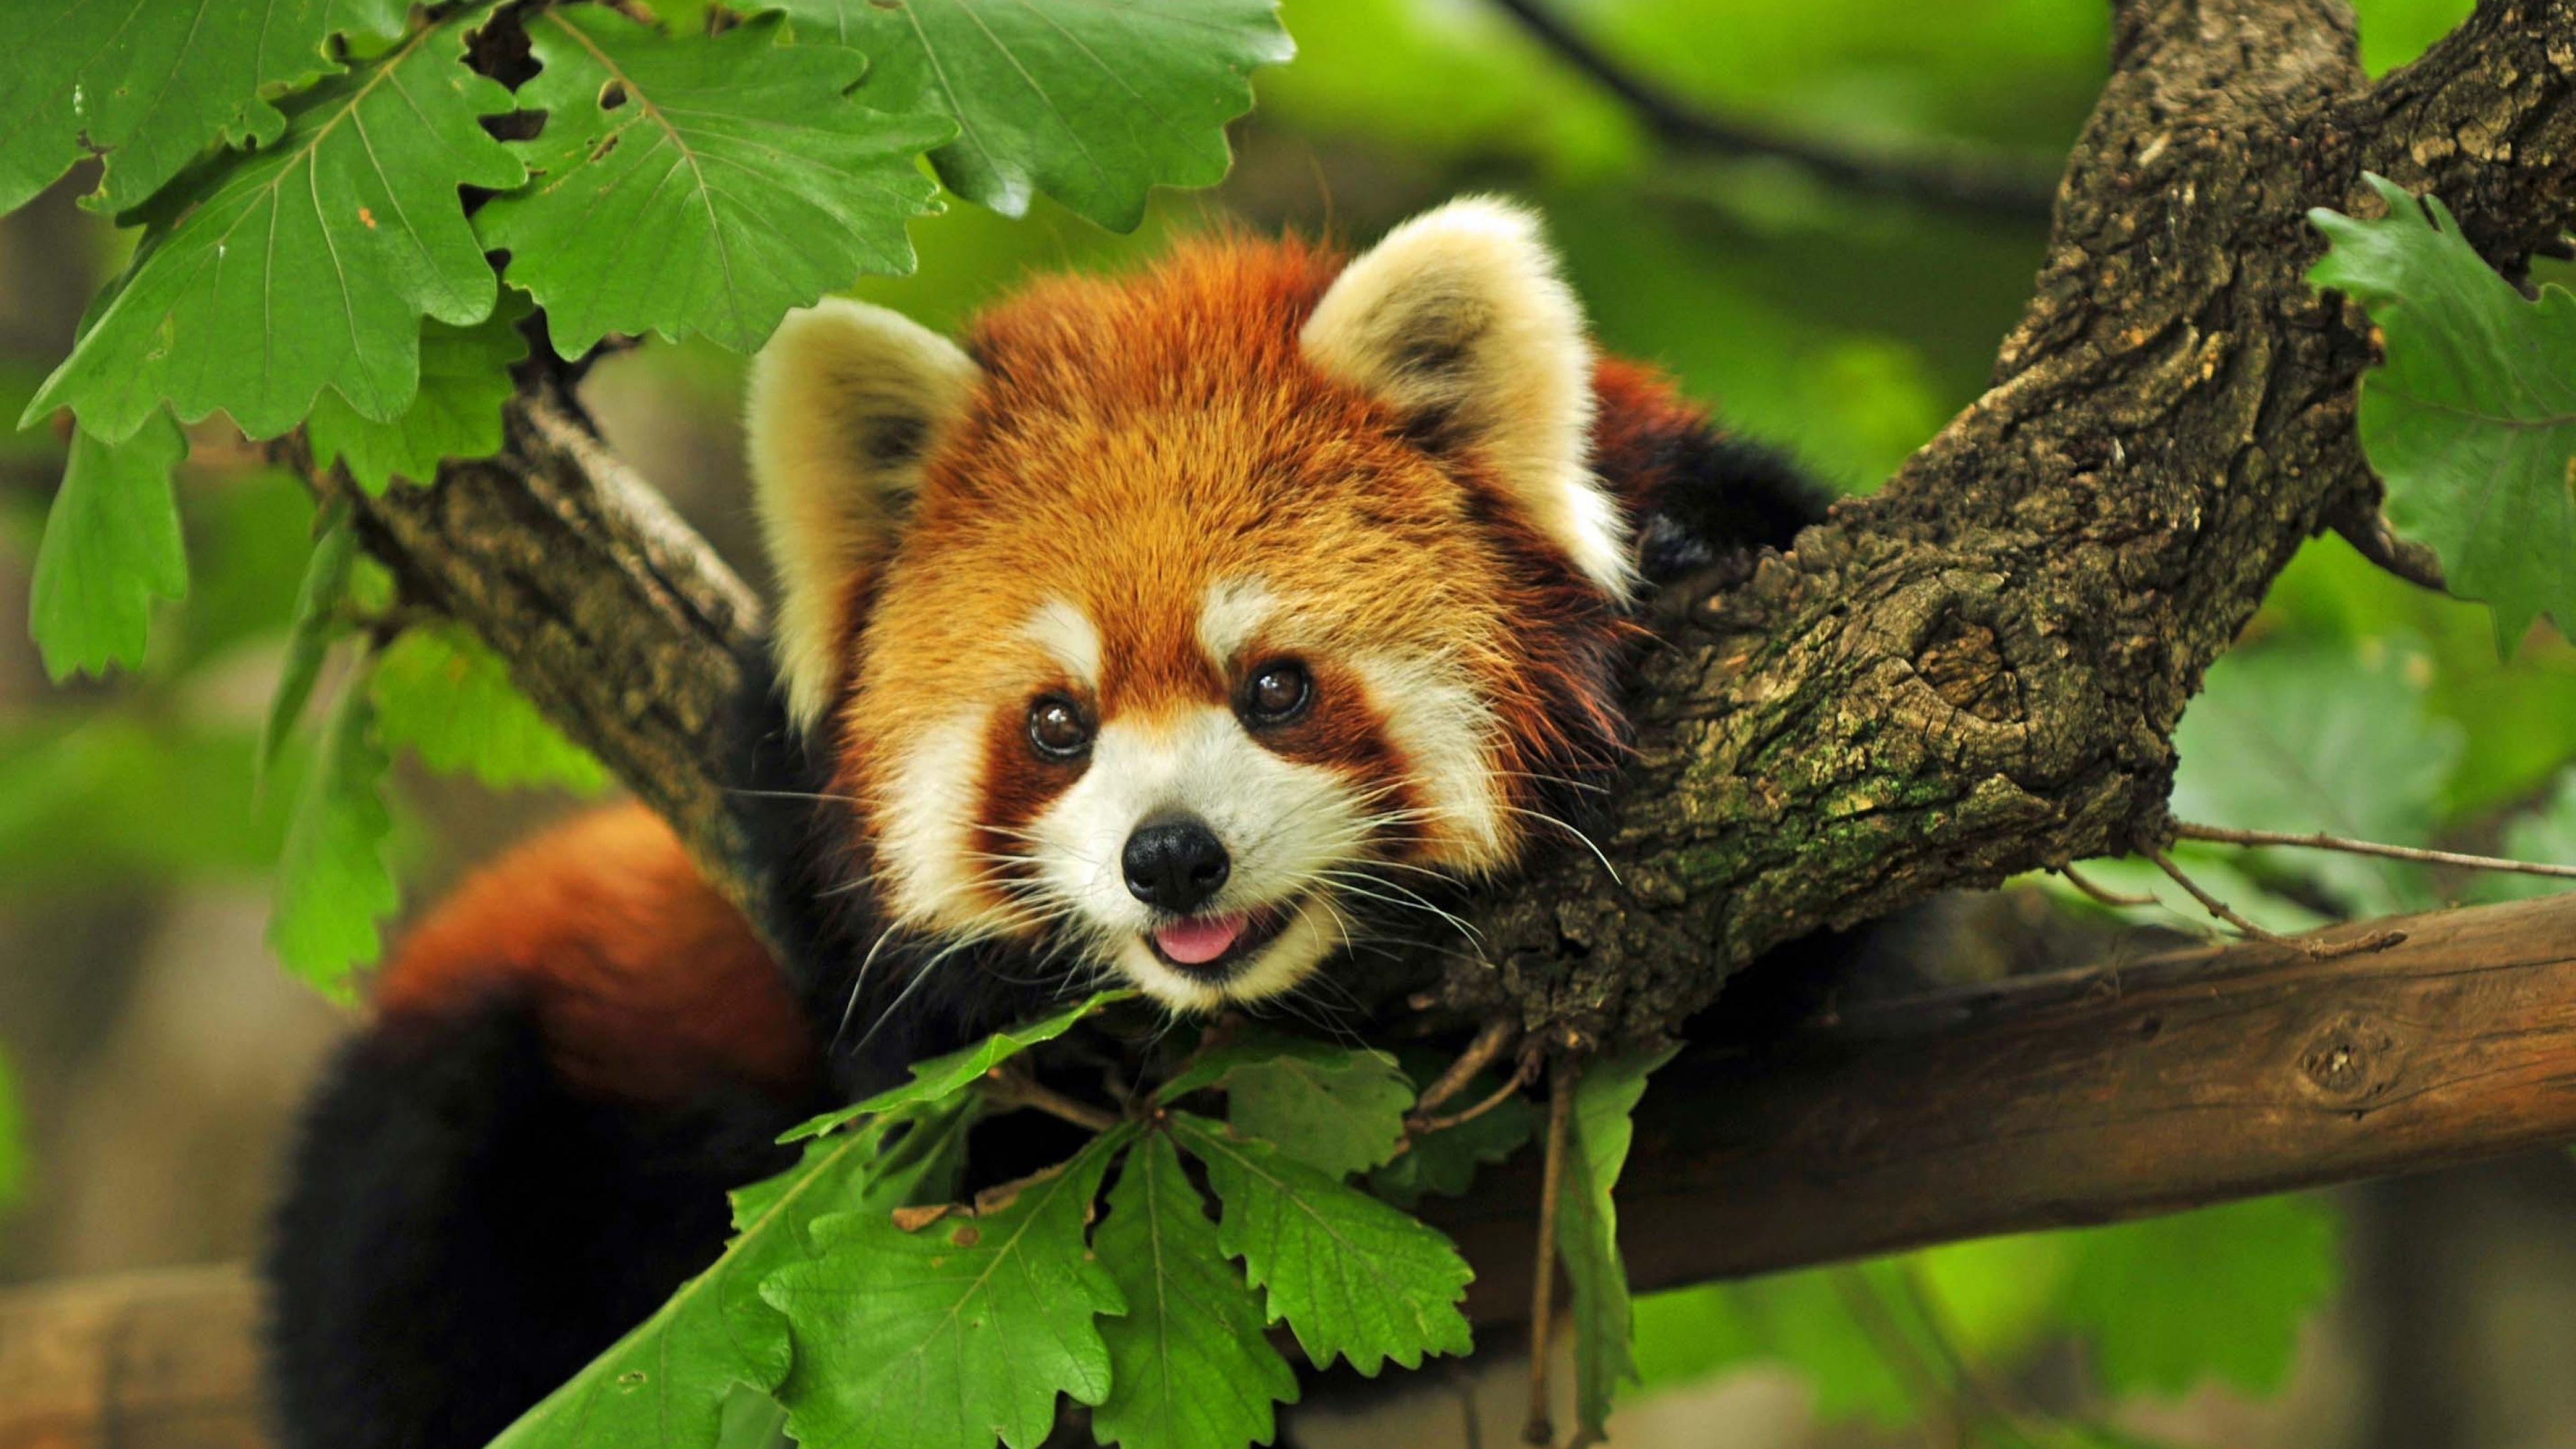 Красная панда с рыжевато-коричневым мехом и блестящими глазами-бусинками на дереве